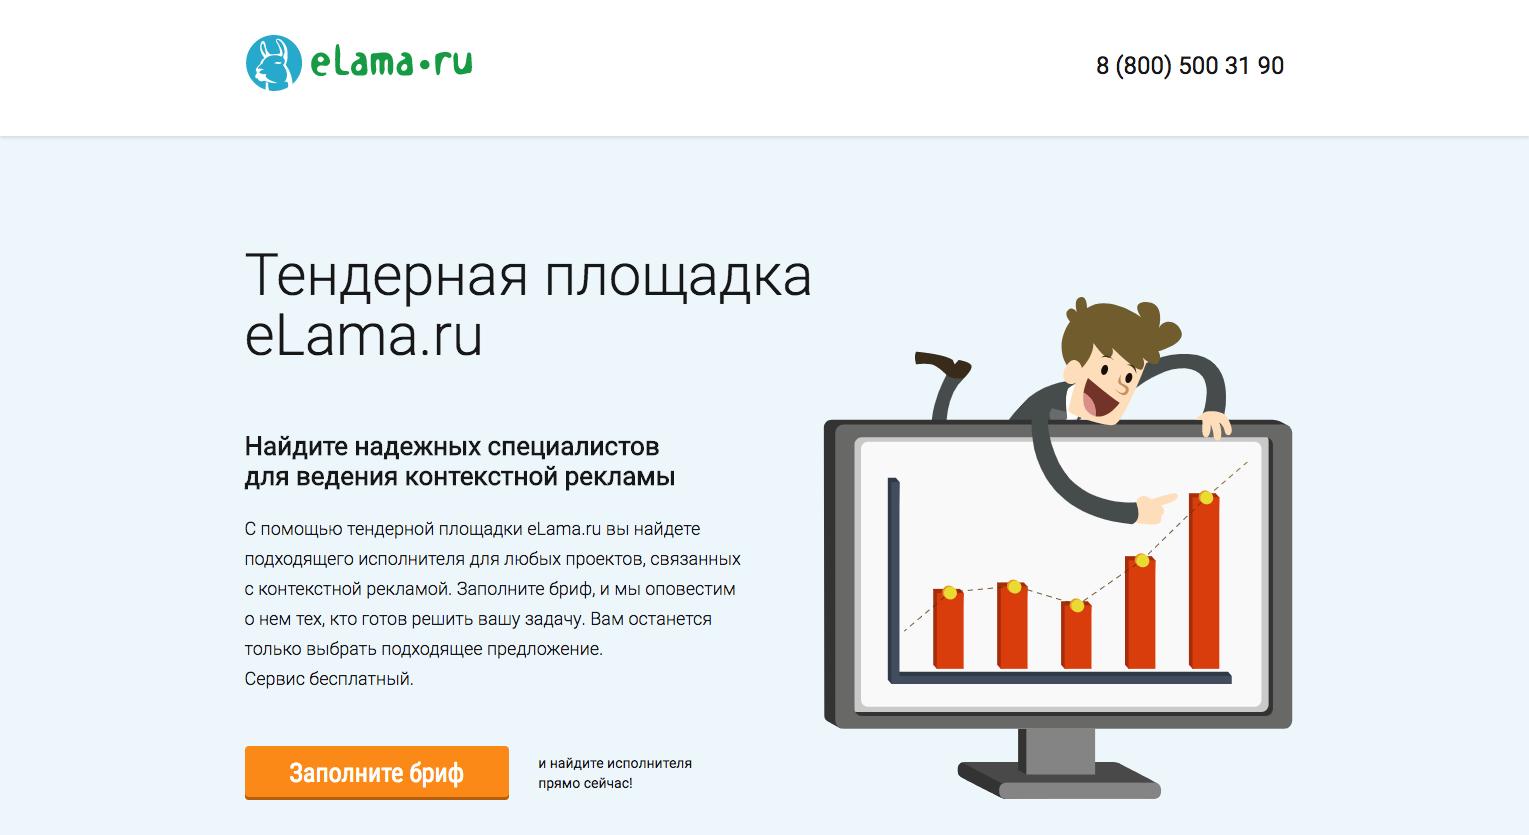 Тендерная площадка eLama.ru